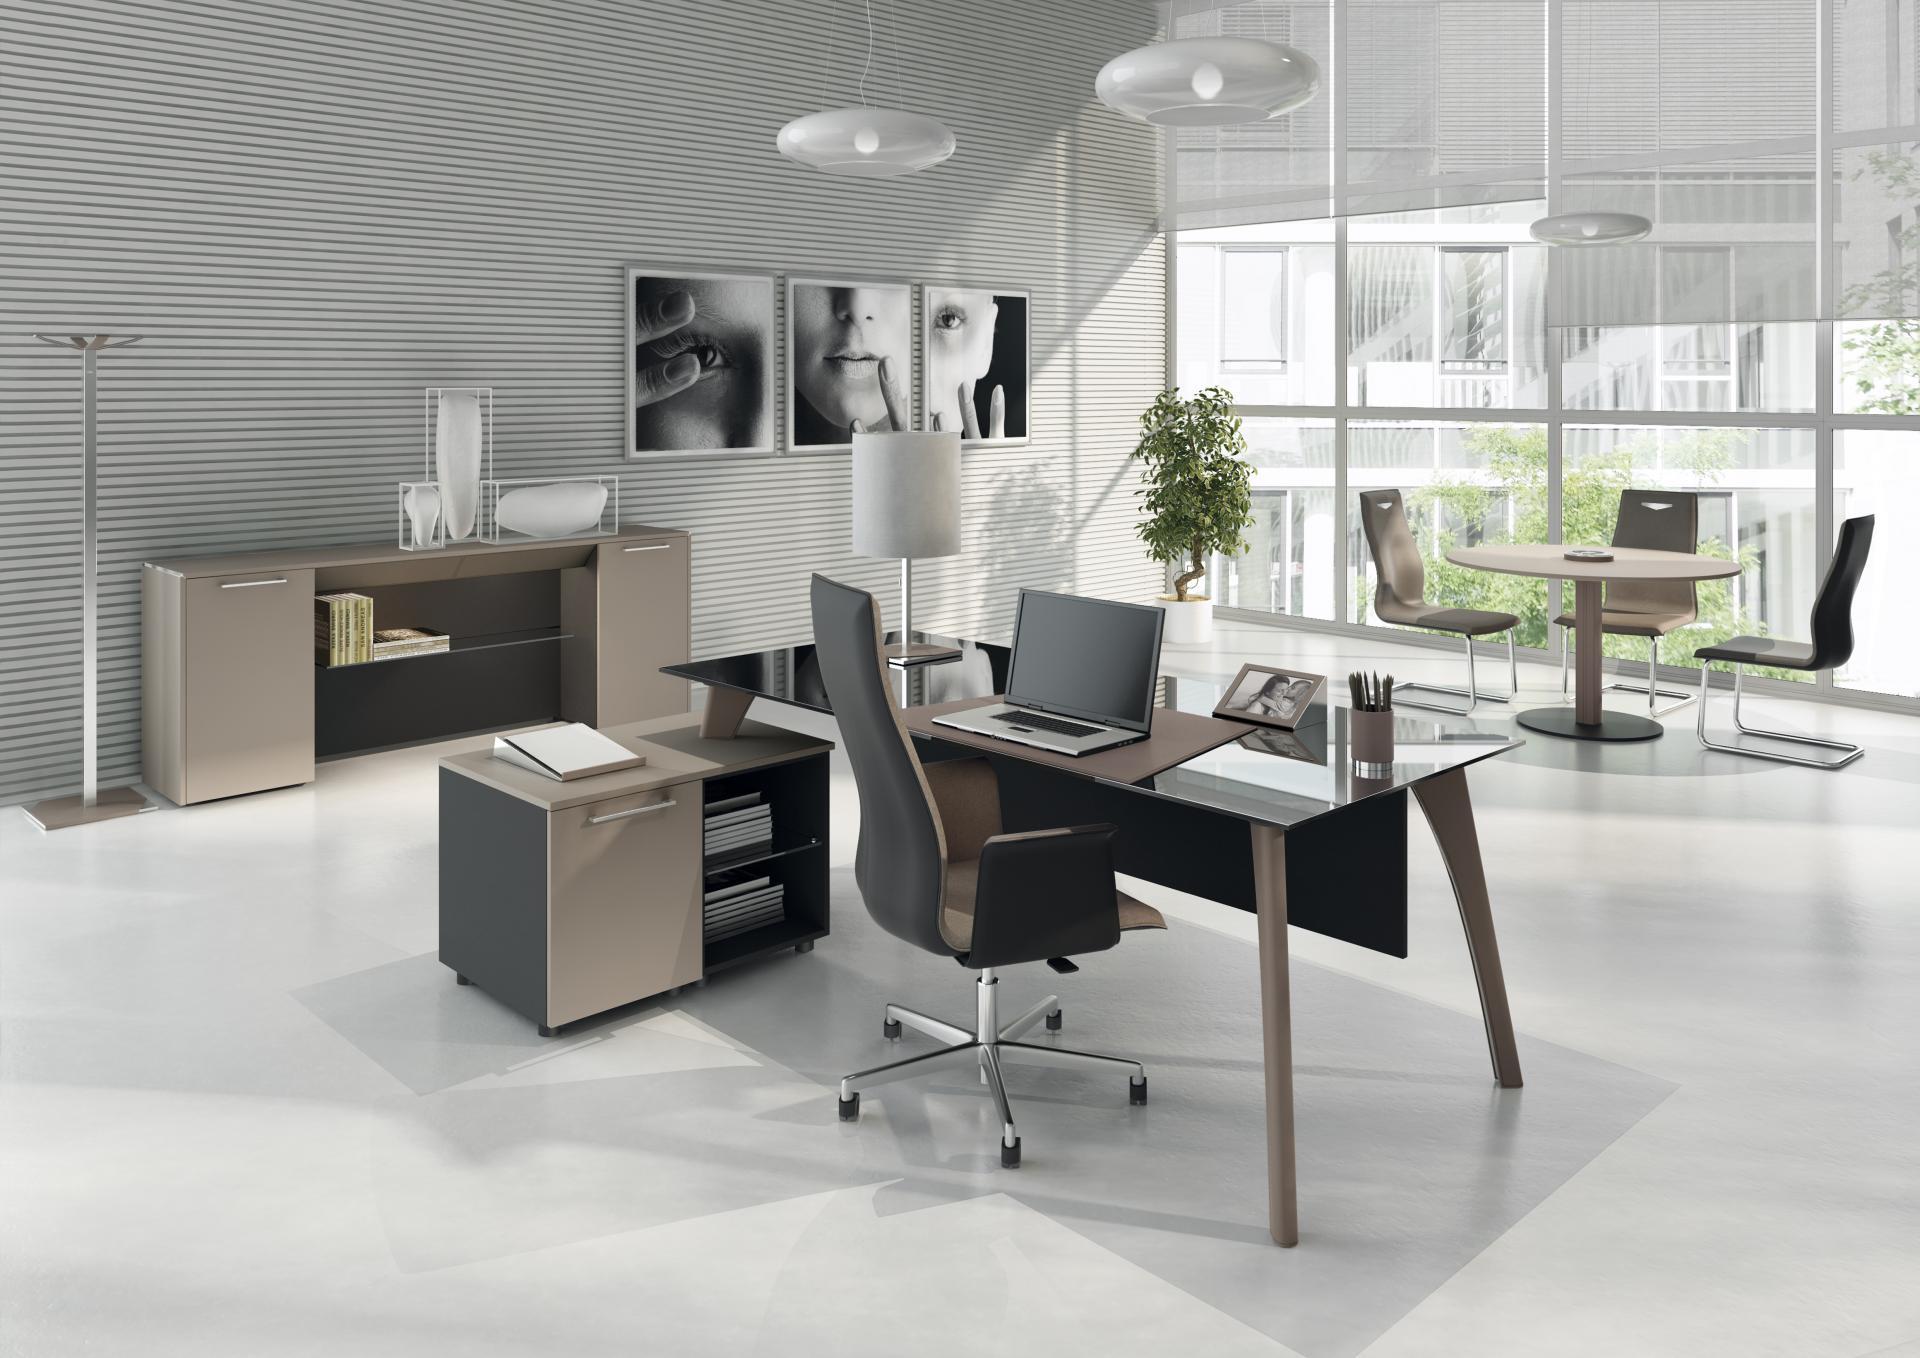 Codutti Mobili Ufficio.Attiva Arredamento Per Ufficio Moderno Codutti